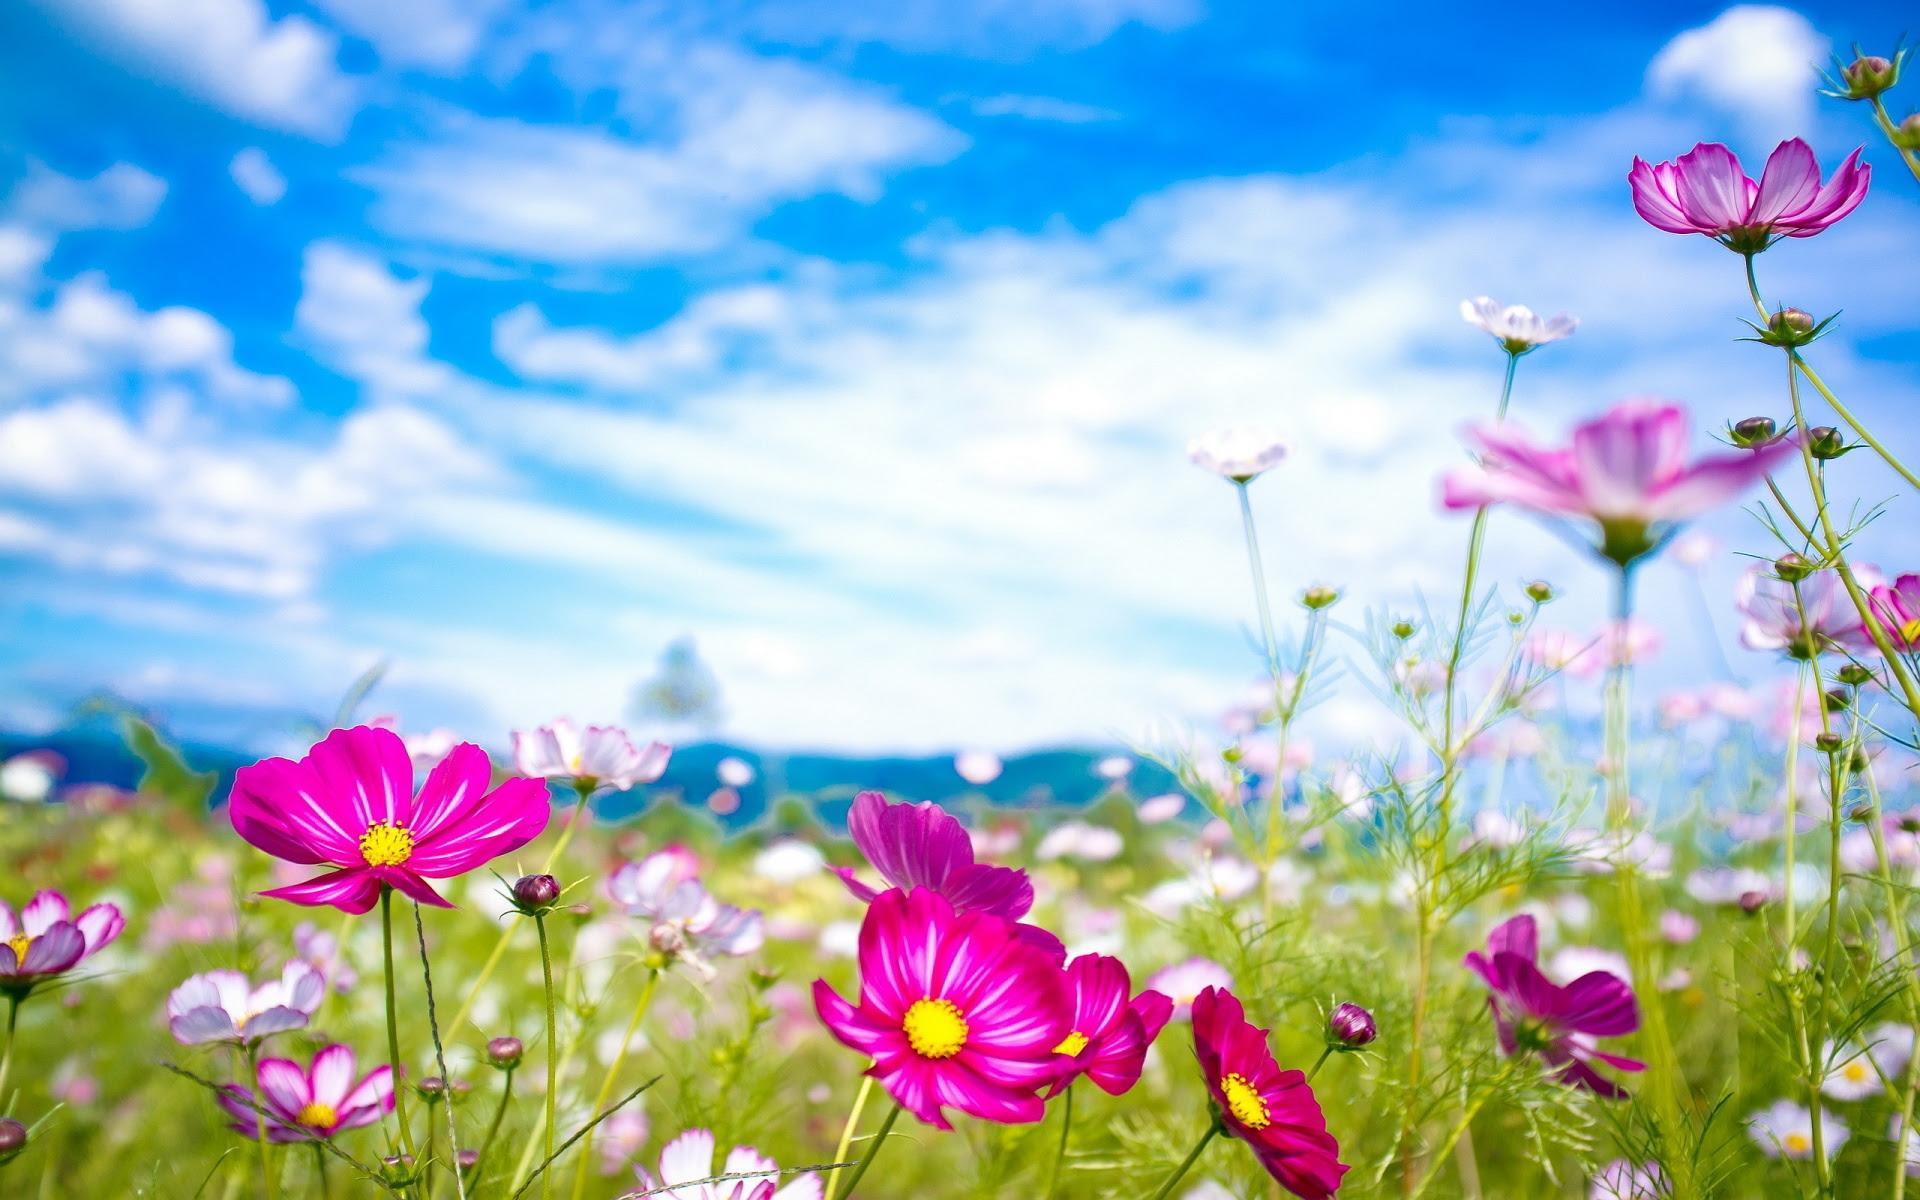 Flower Wallpaper Hd Widescreen